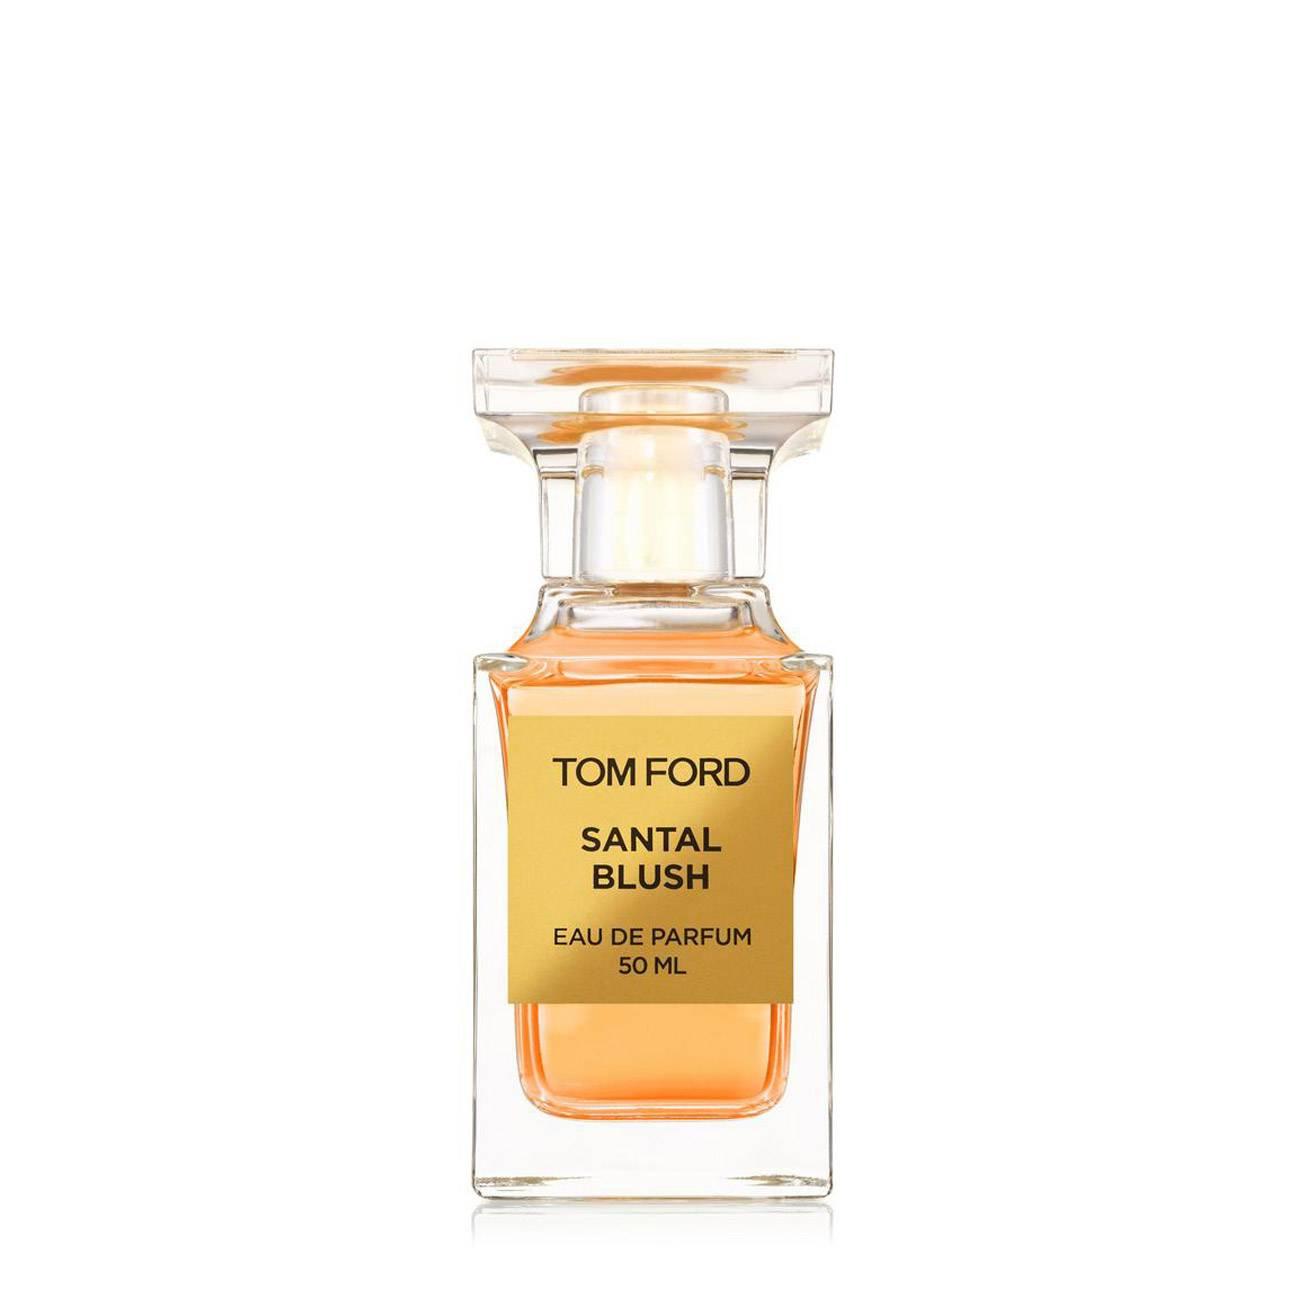 SANTAL BLUSH 50ml imagine produs